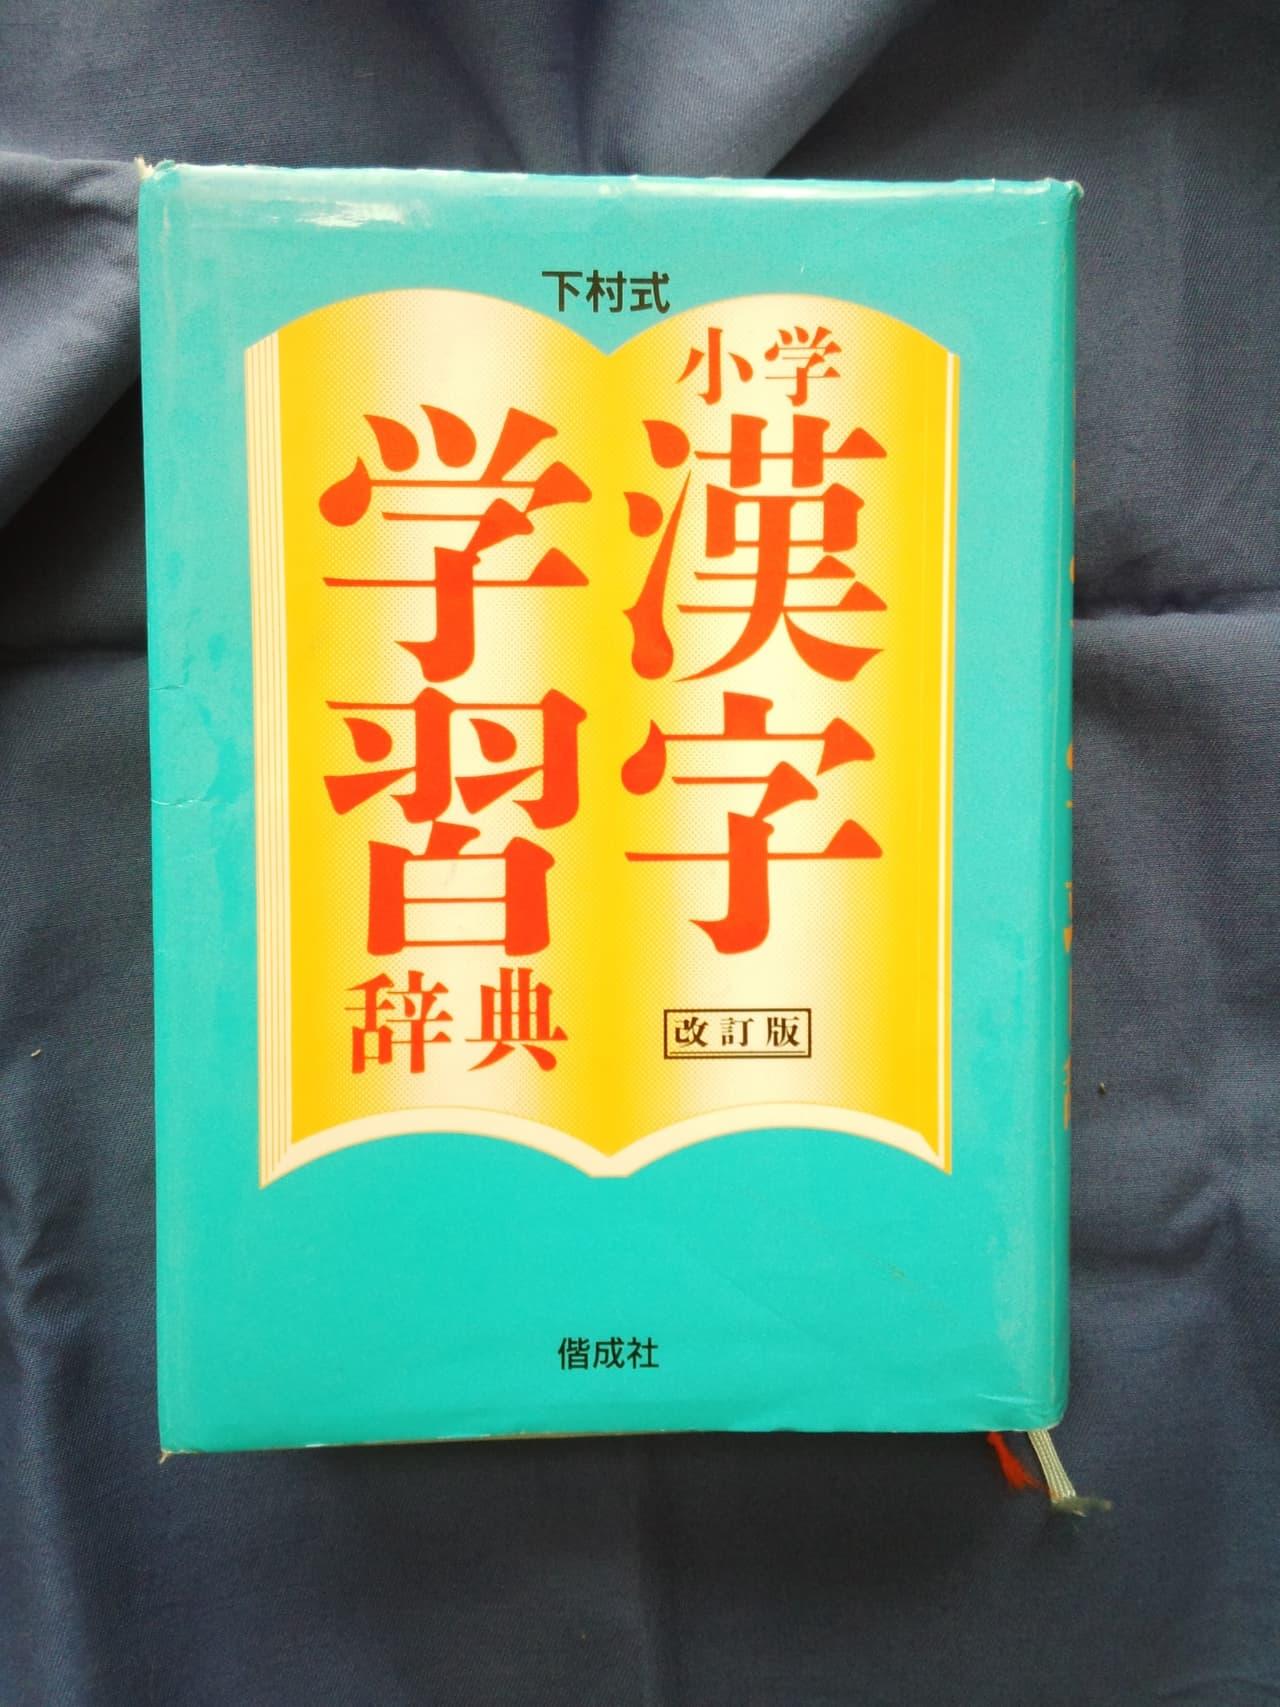 検索 漢字 読み方 から